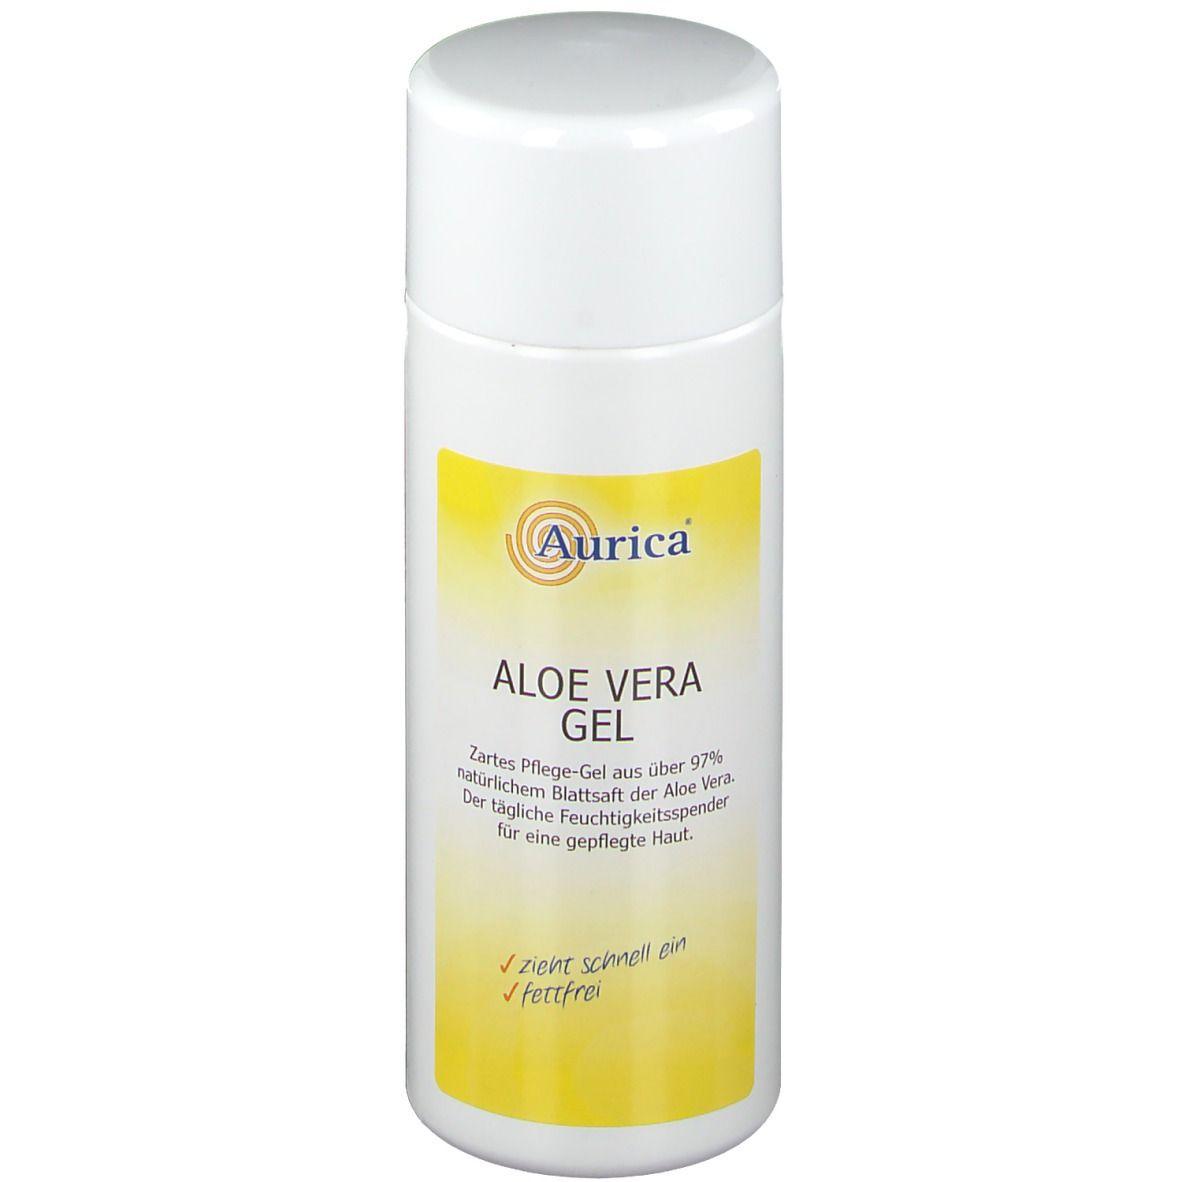 Image of Aurica® Aloe Vera Gel